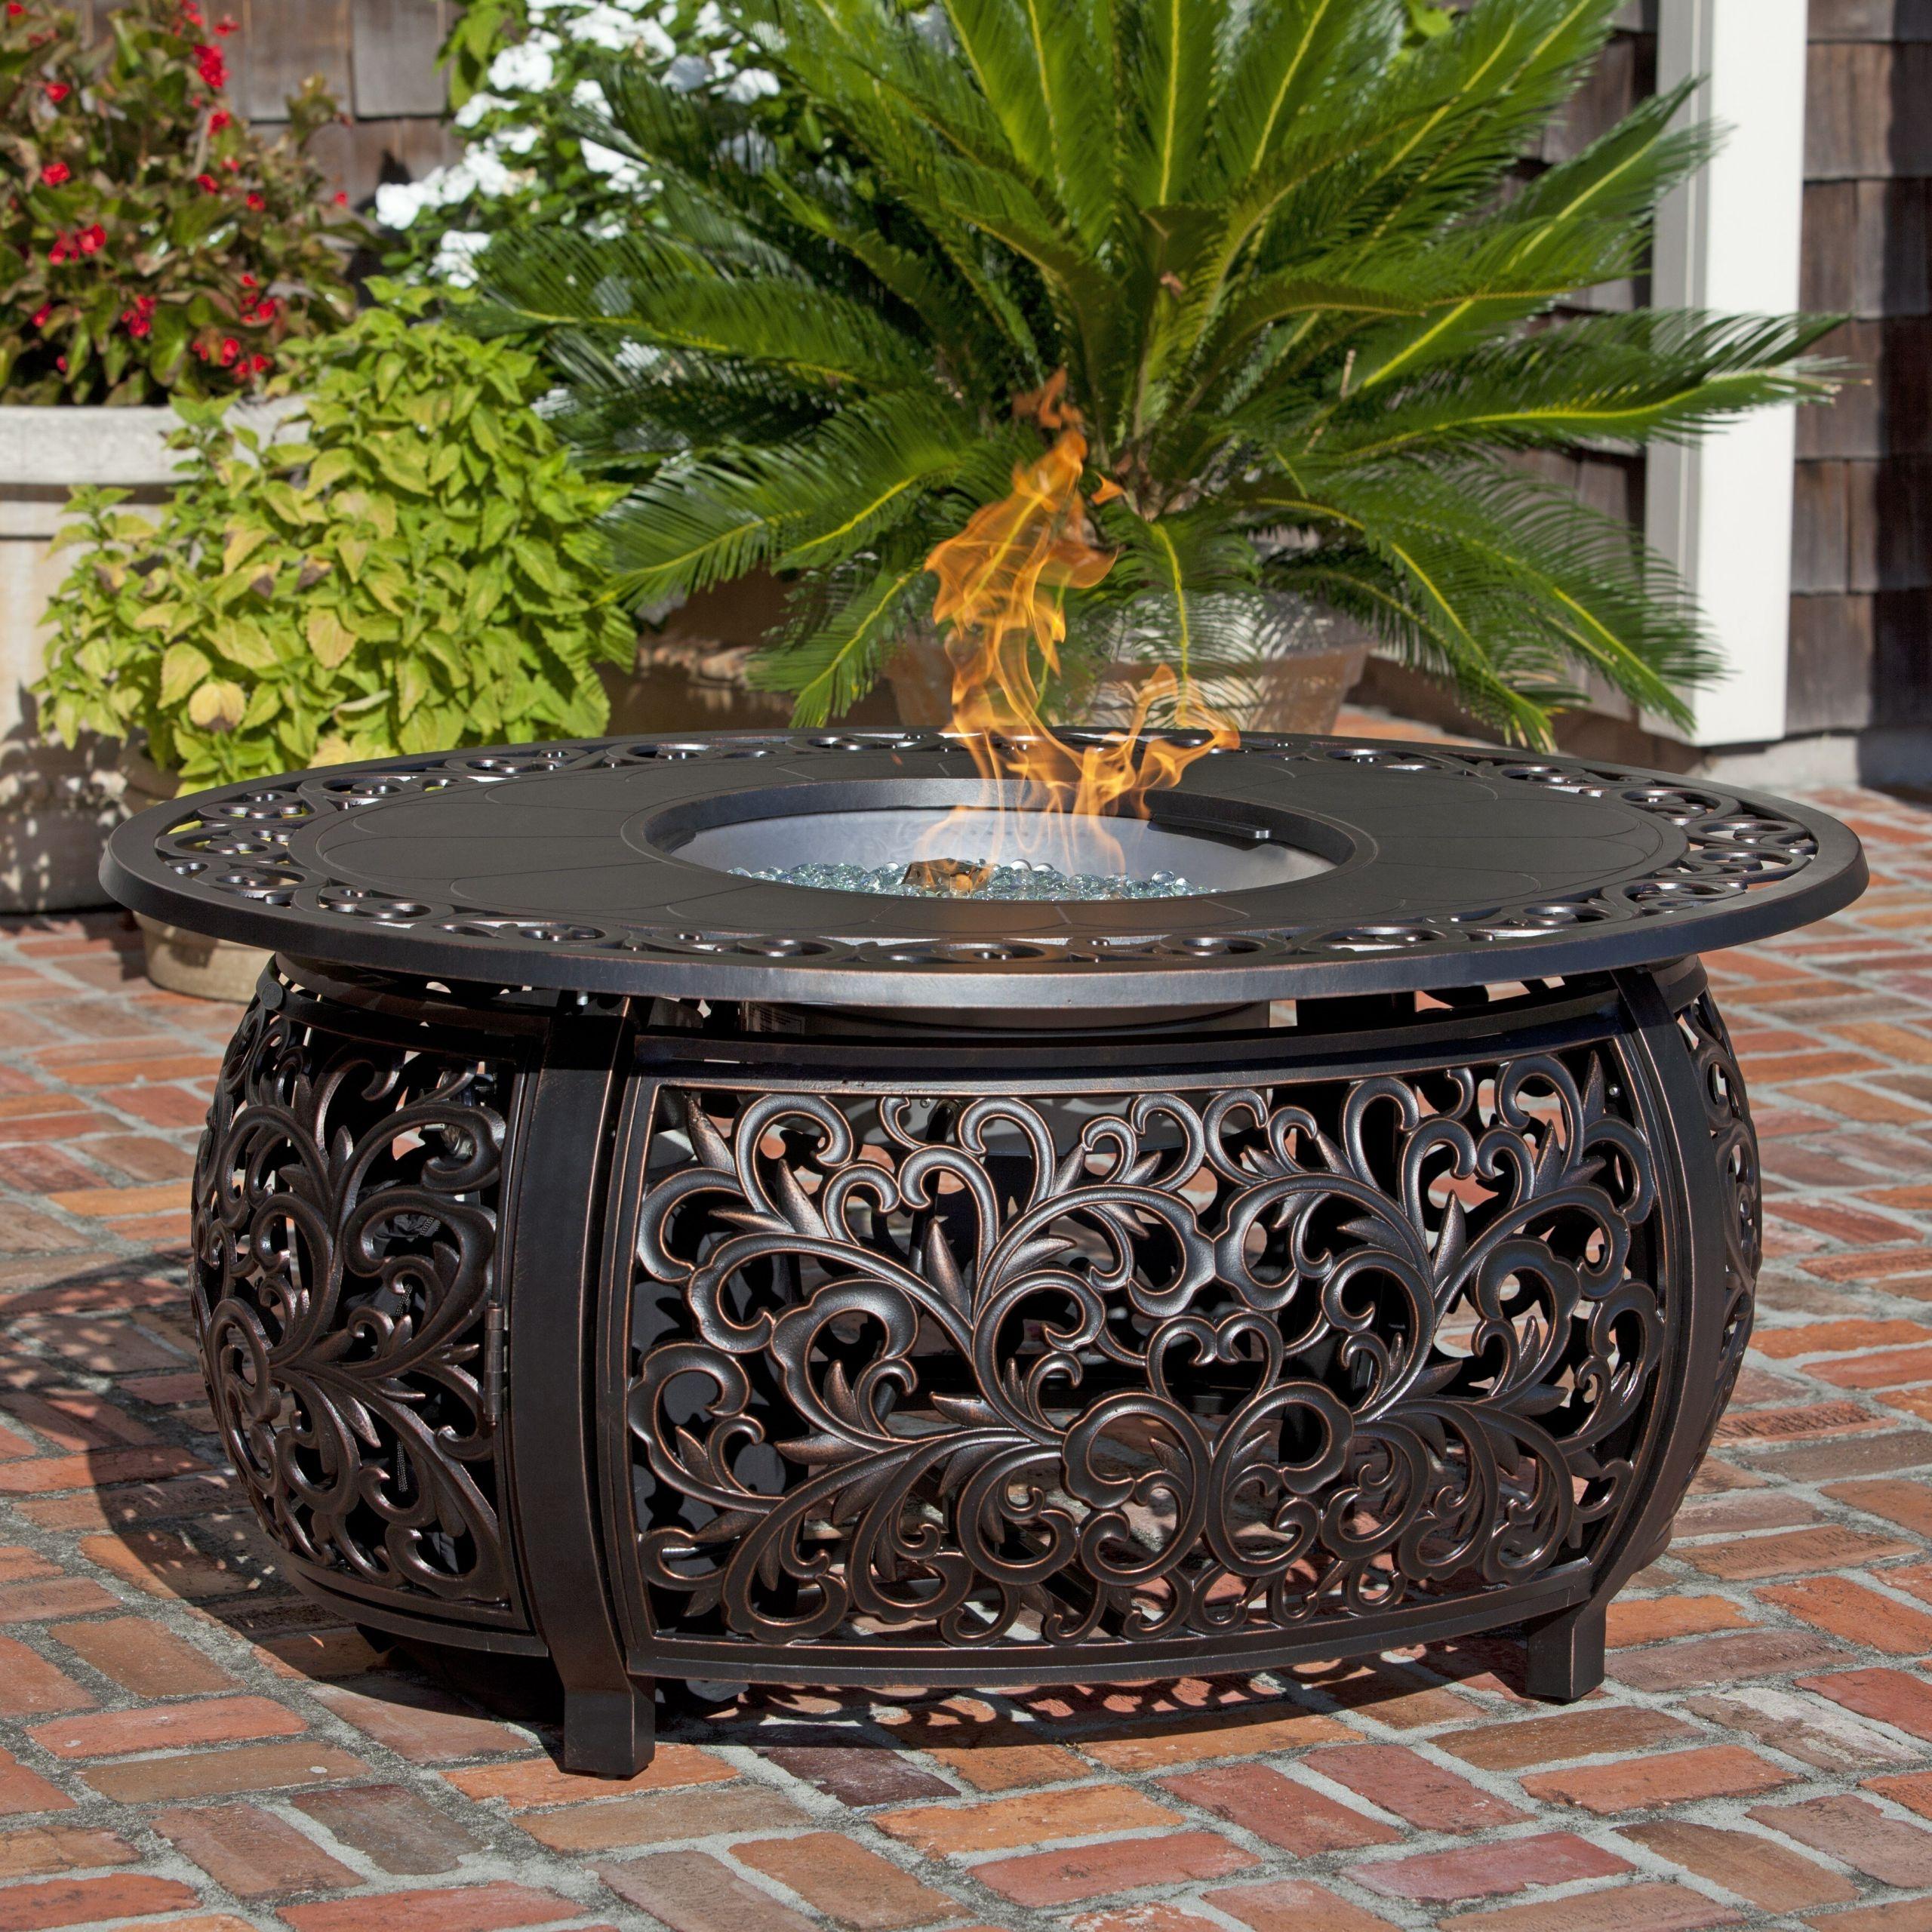 Propane Fire Pit Table  Fire Sense Toulon Propane Fire Pit Table